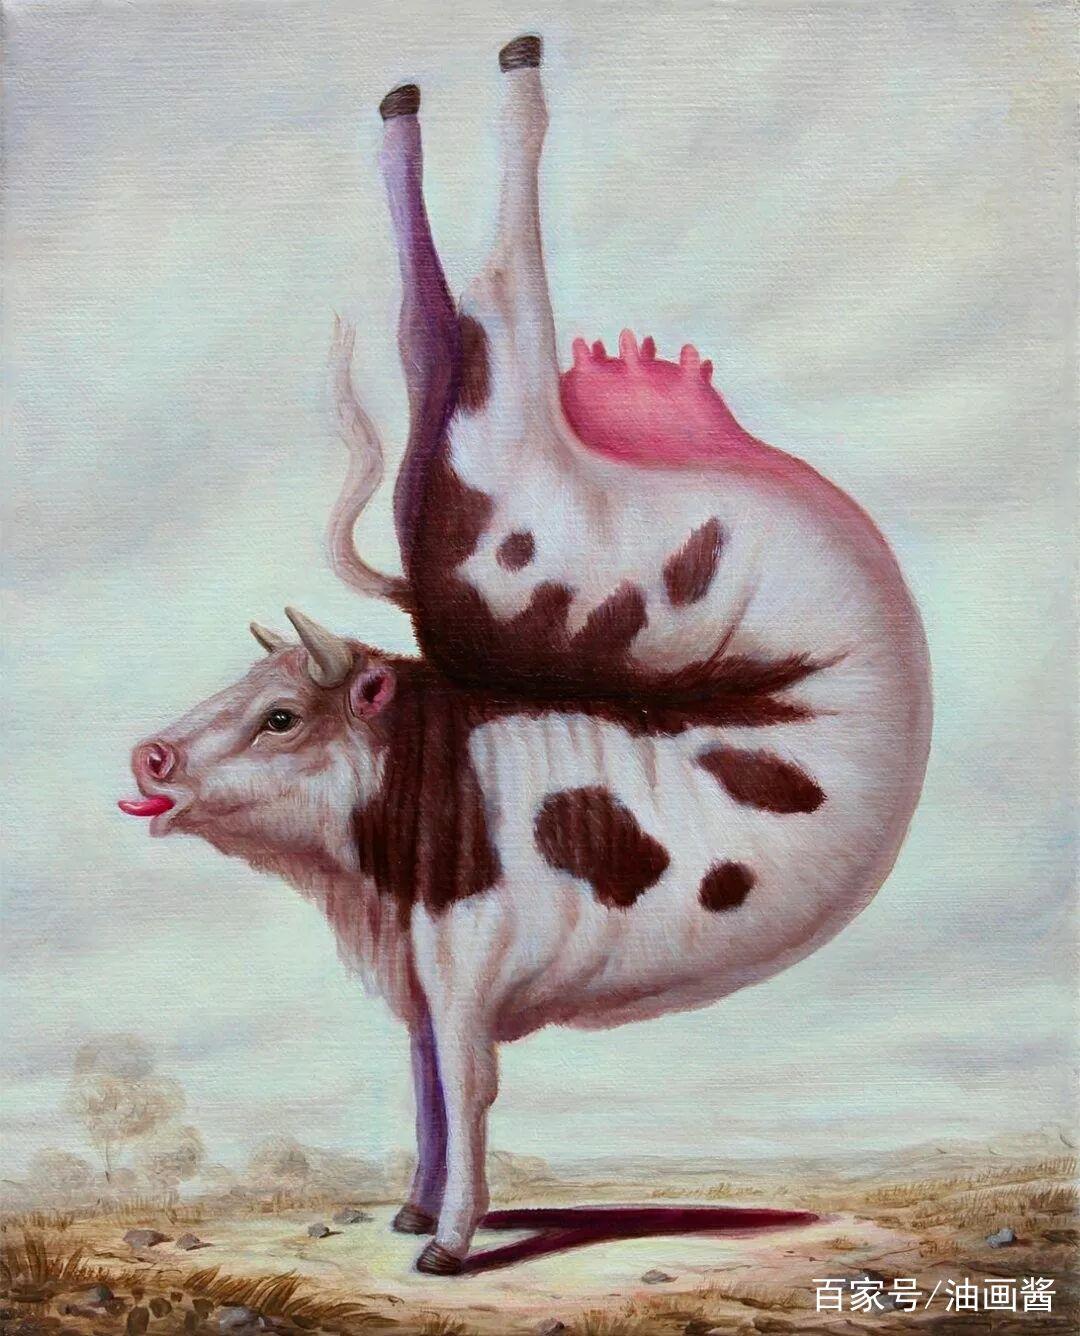 外国画家画出会练瑜伽的动物,背后故事引人深思